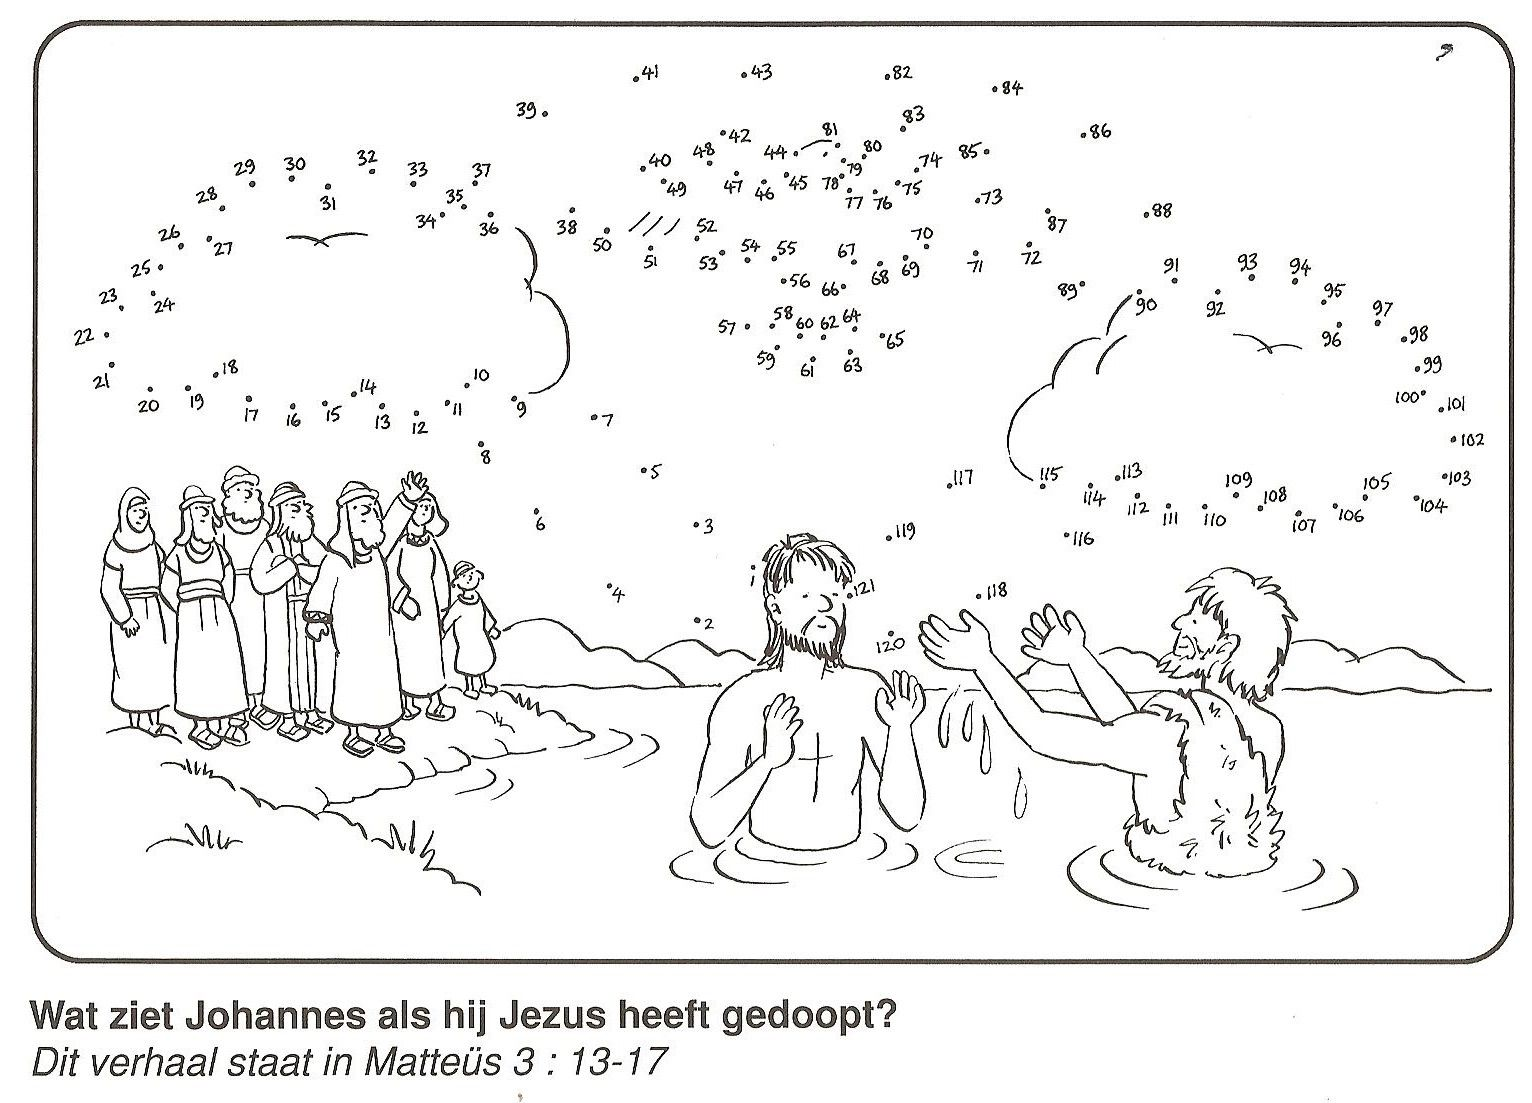 jezus gedoopt door johannes de doper duif stip naar